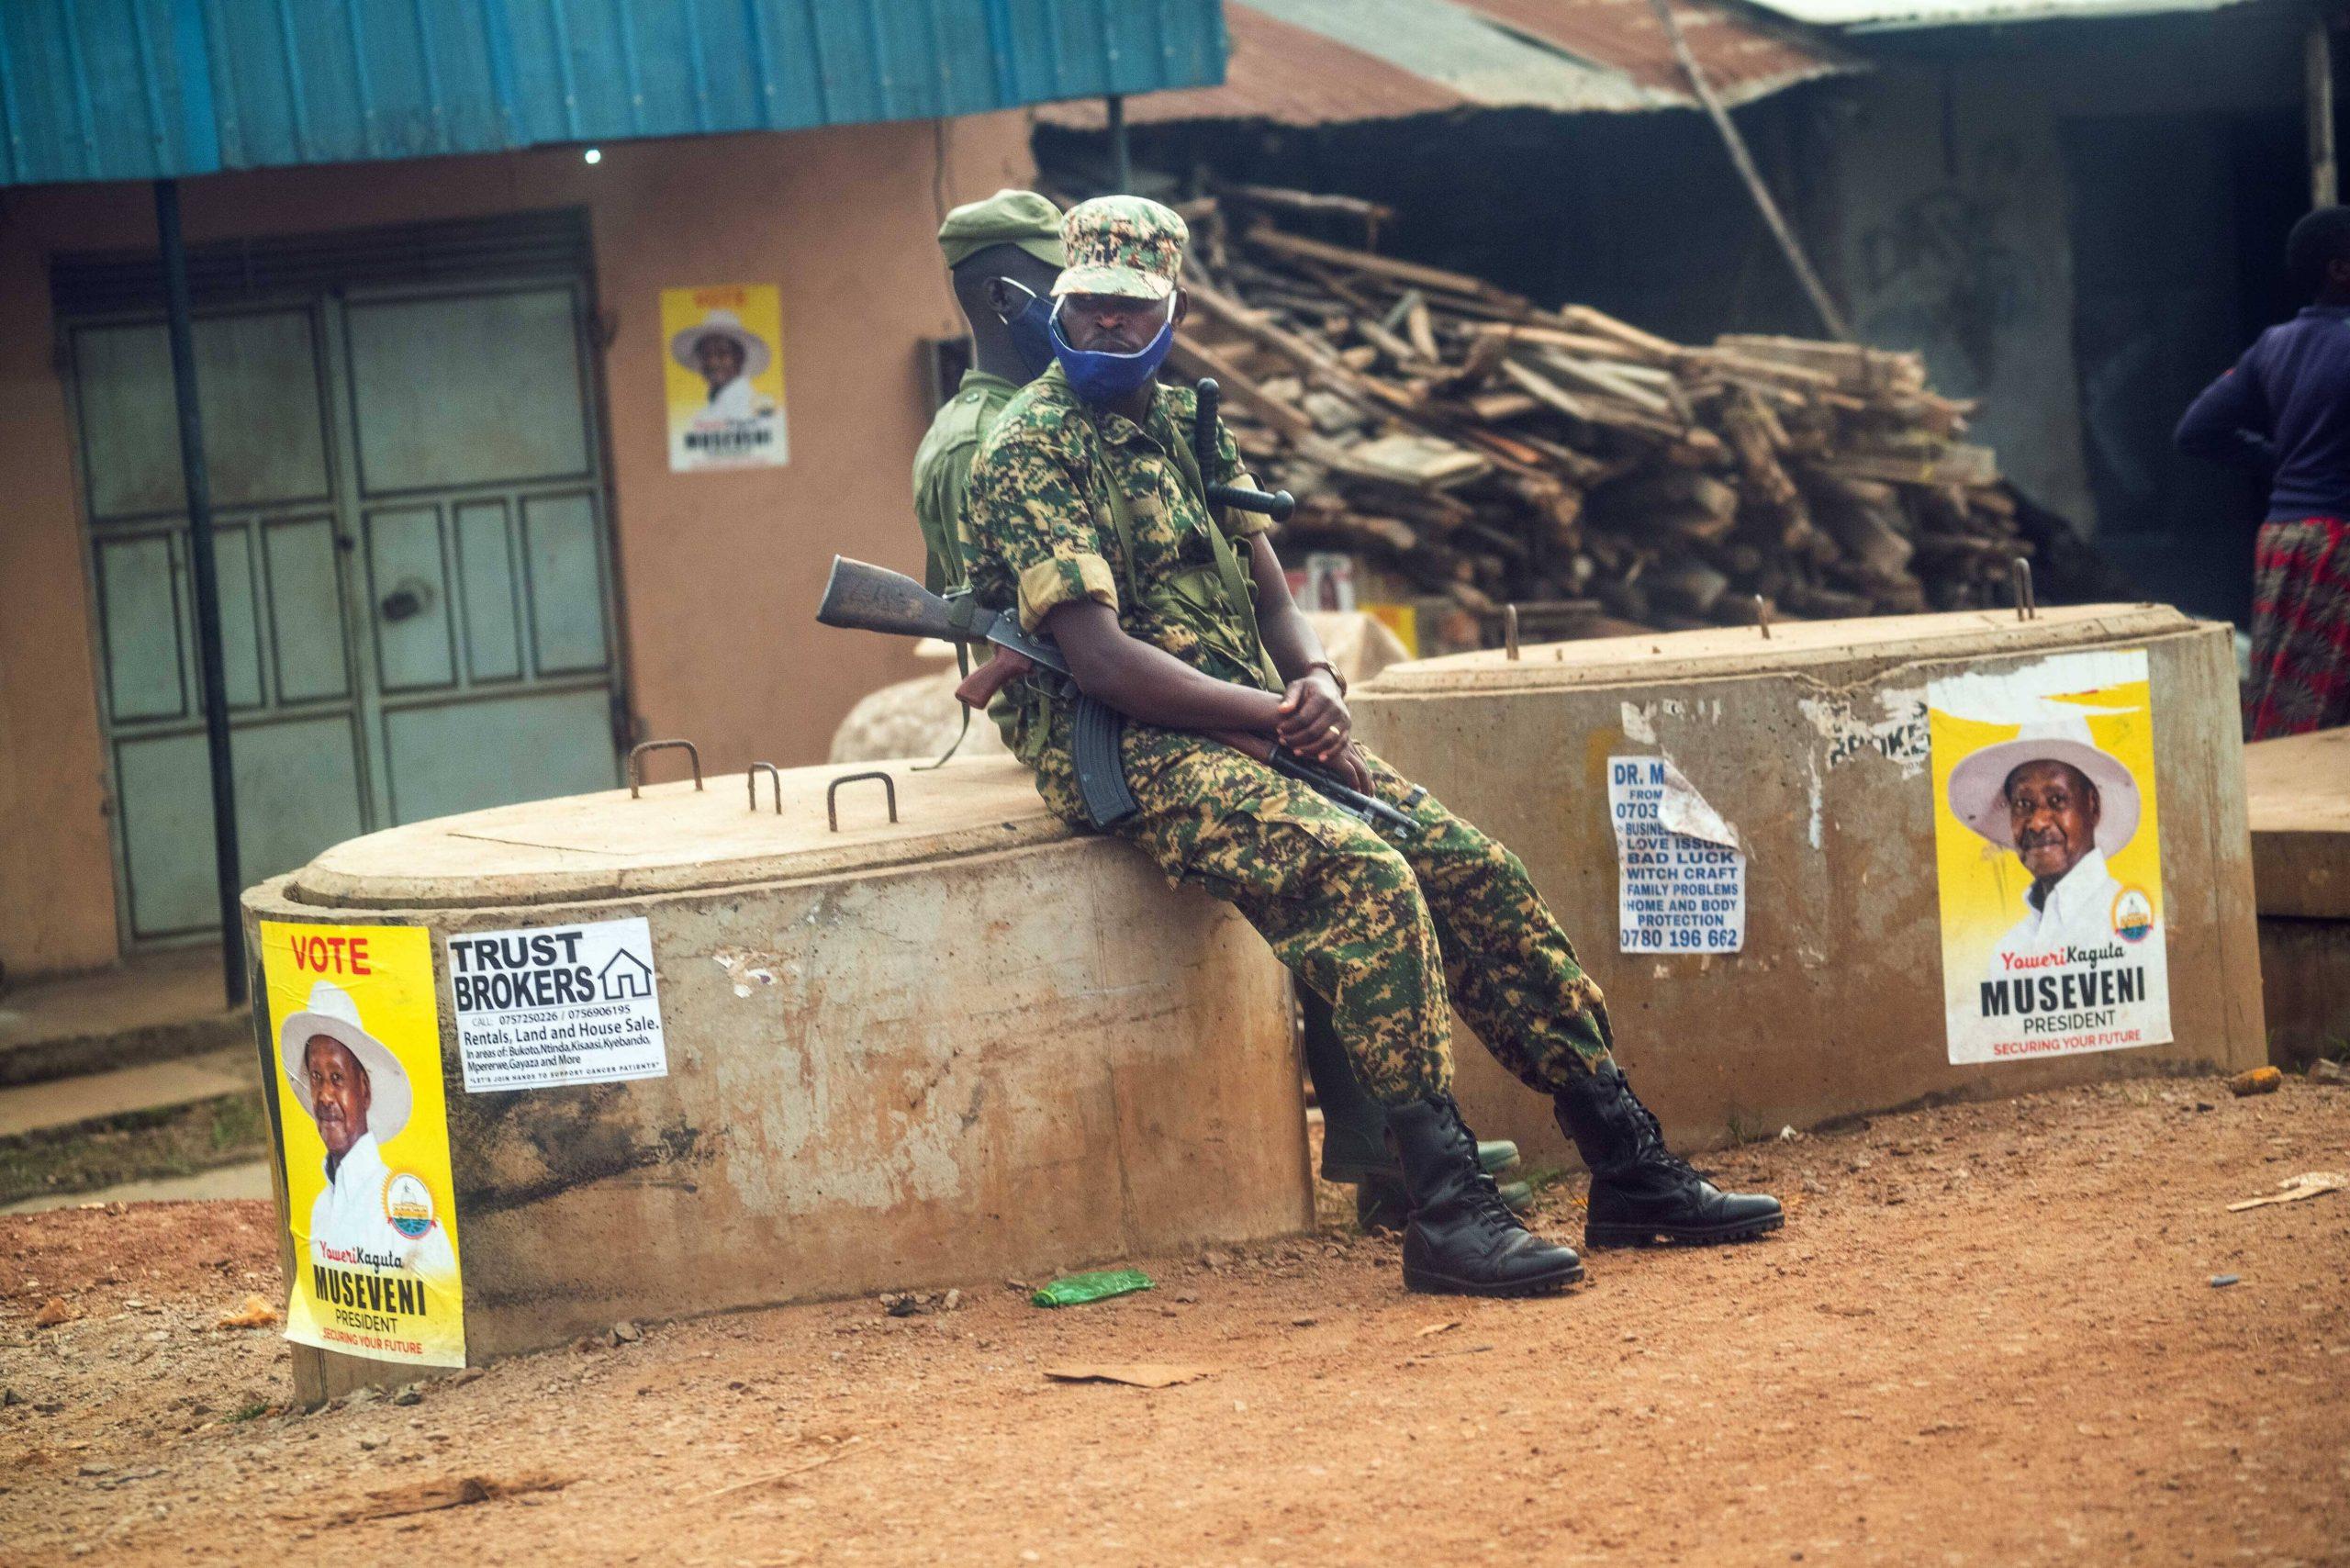 Des forces de l'ordre ougandaise, à Kampala, lors de la présidentielle de janvier 2021.